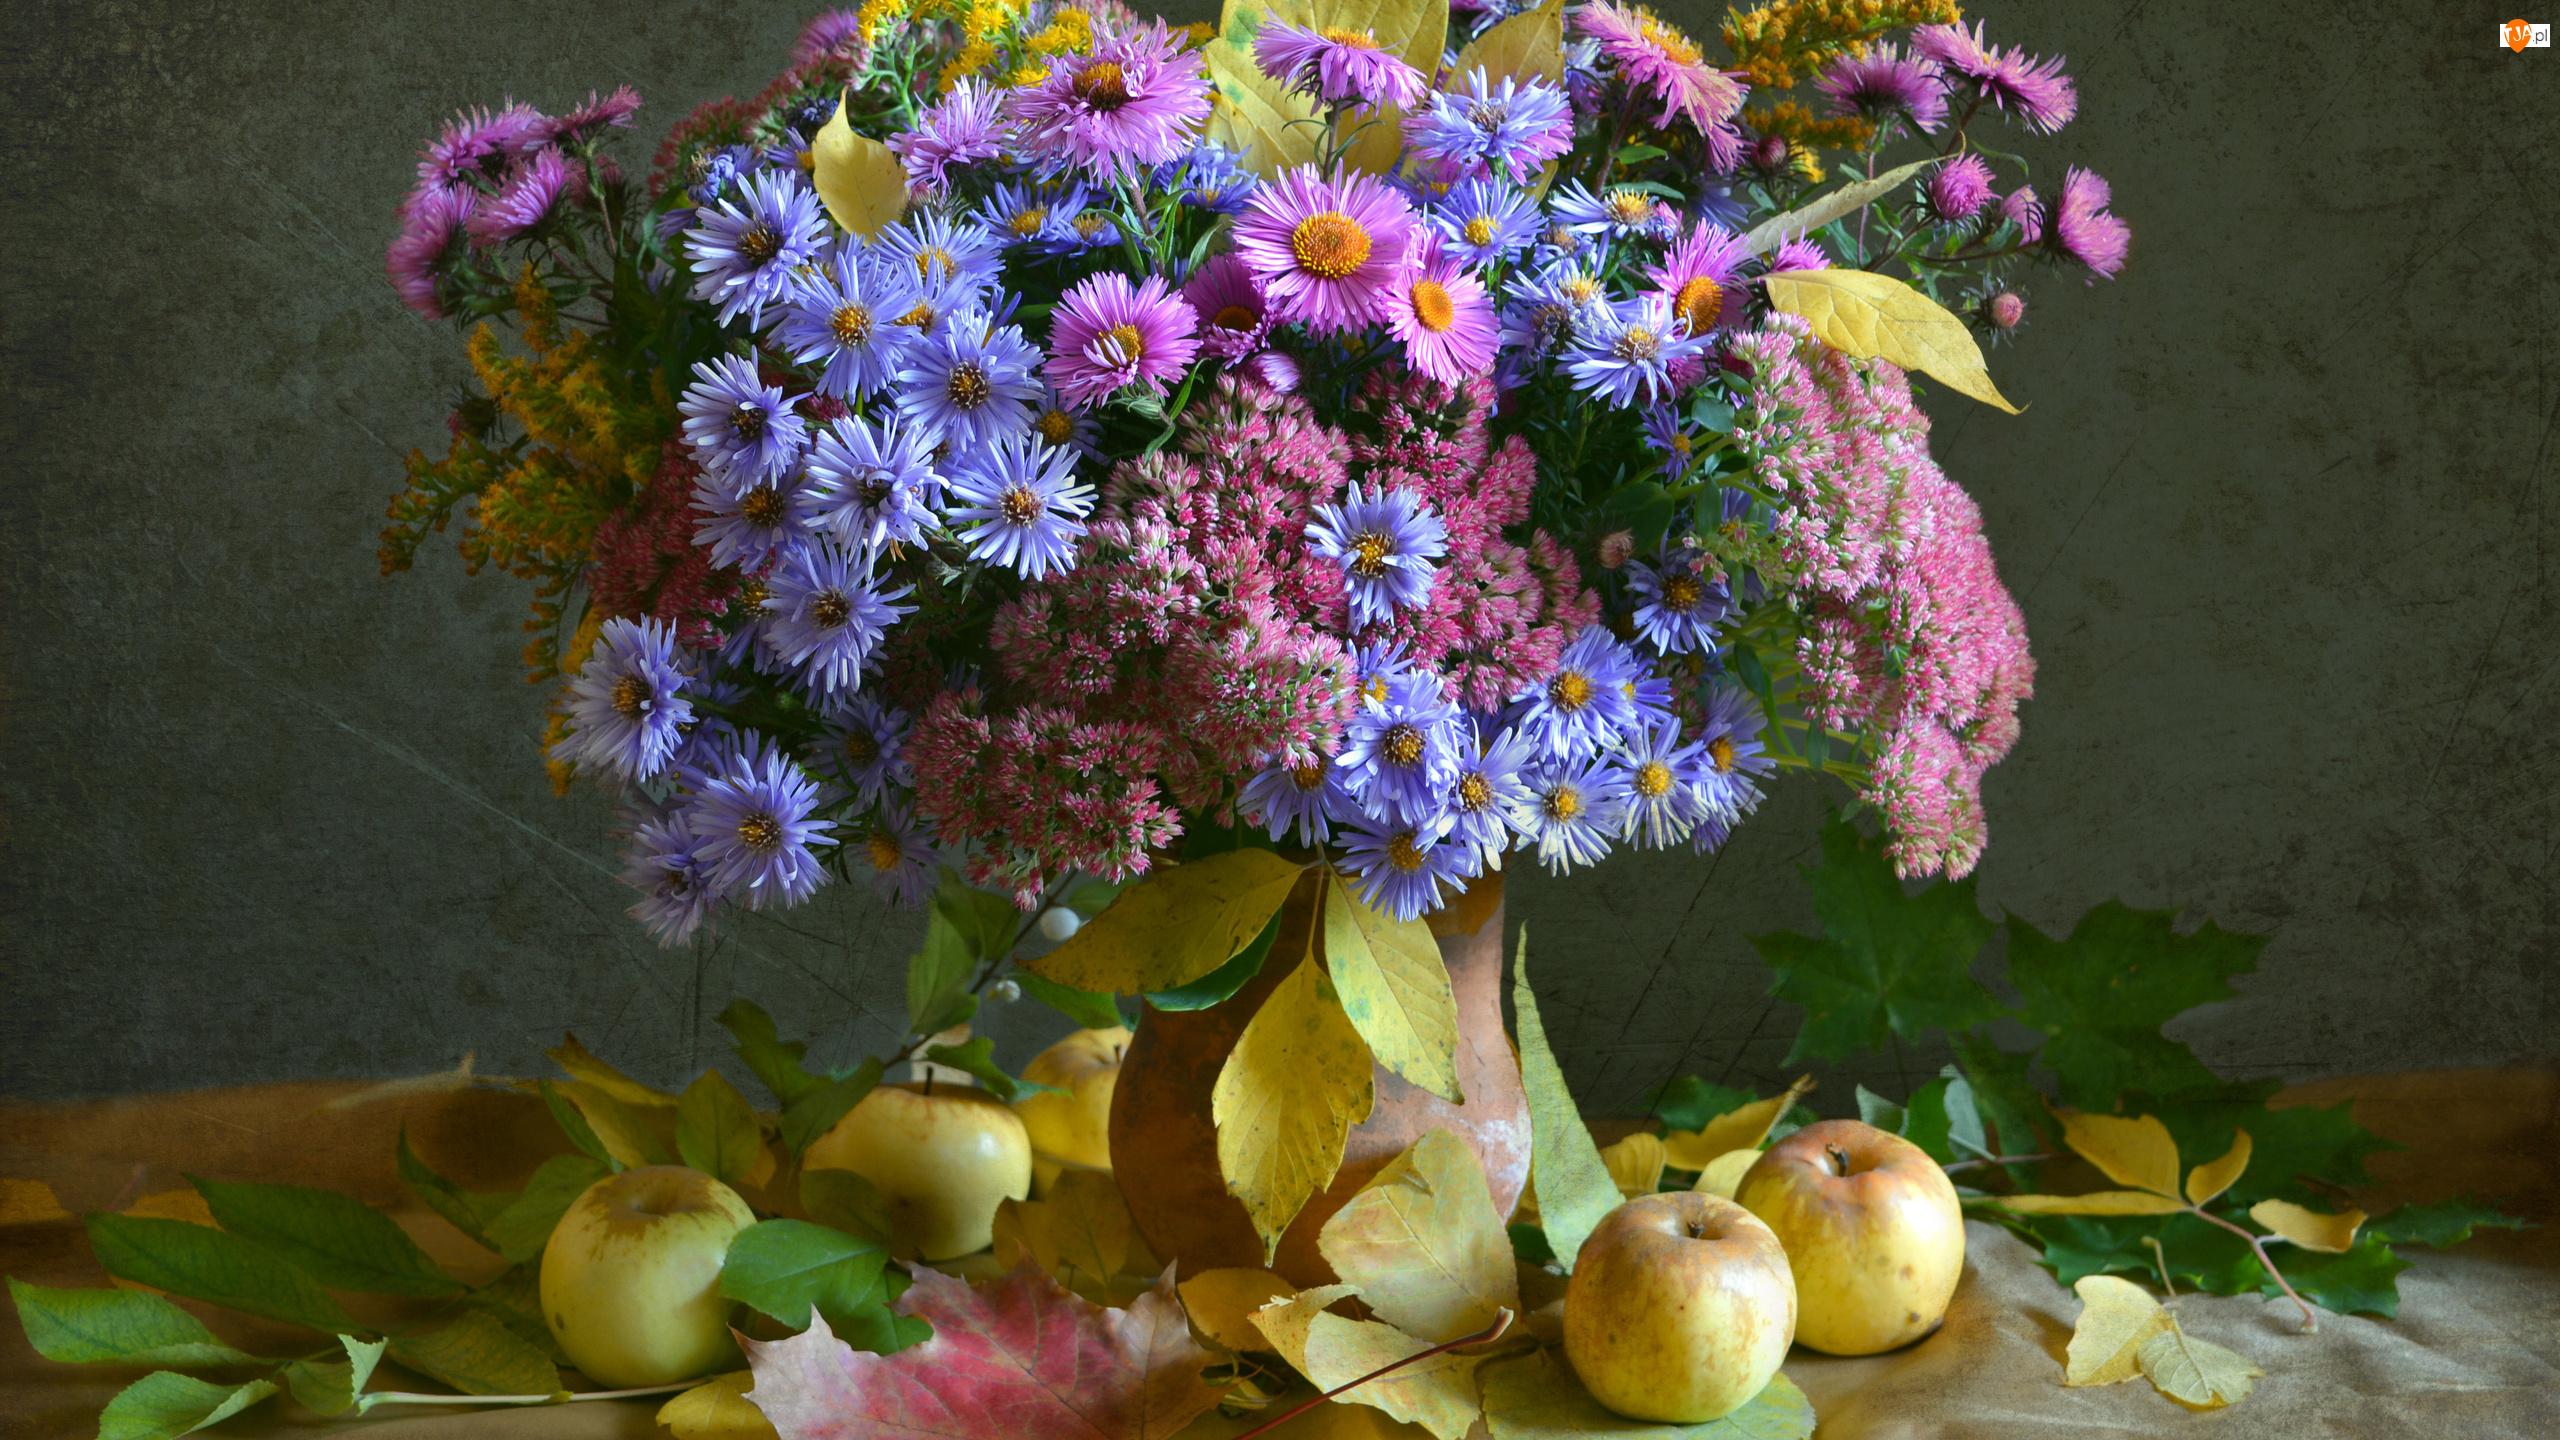 Kwiaty, Liście, Kompozycja, Jabłka, Bukiet, Astry marcinki